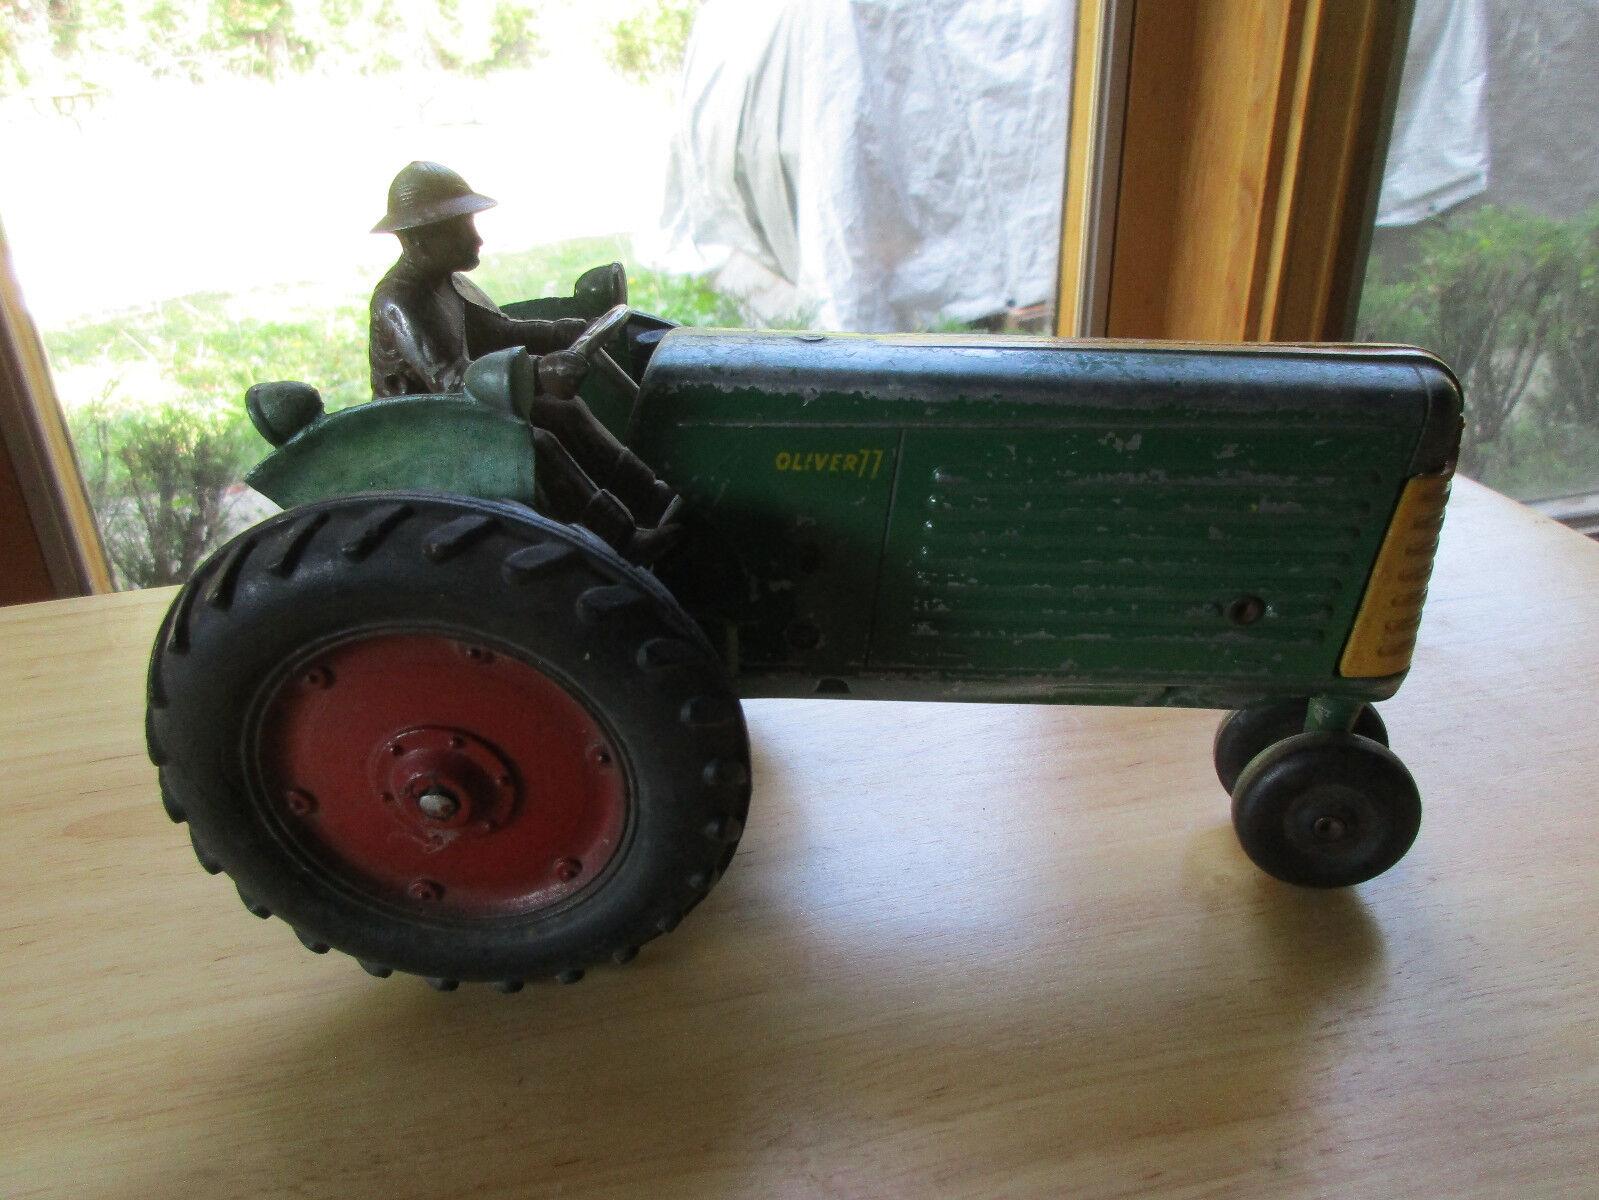 Oliver 77 giocattolo Tractor, Cast with Rider, Nizza